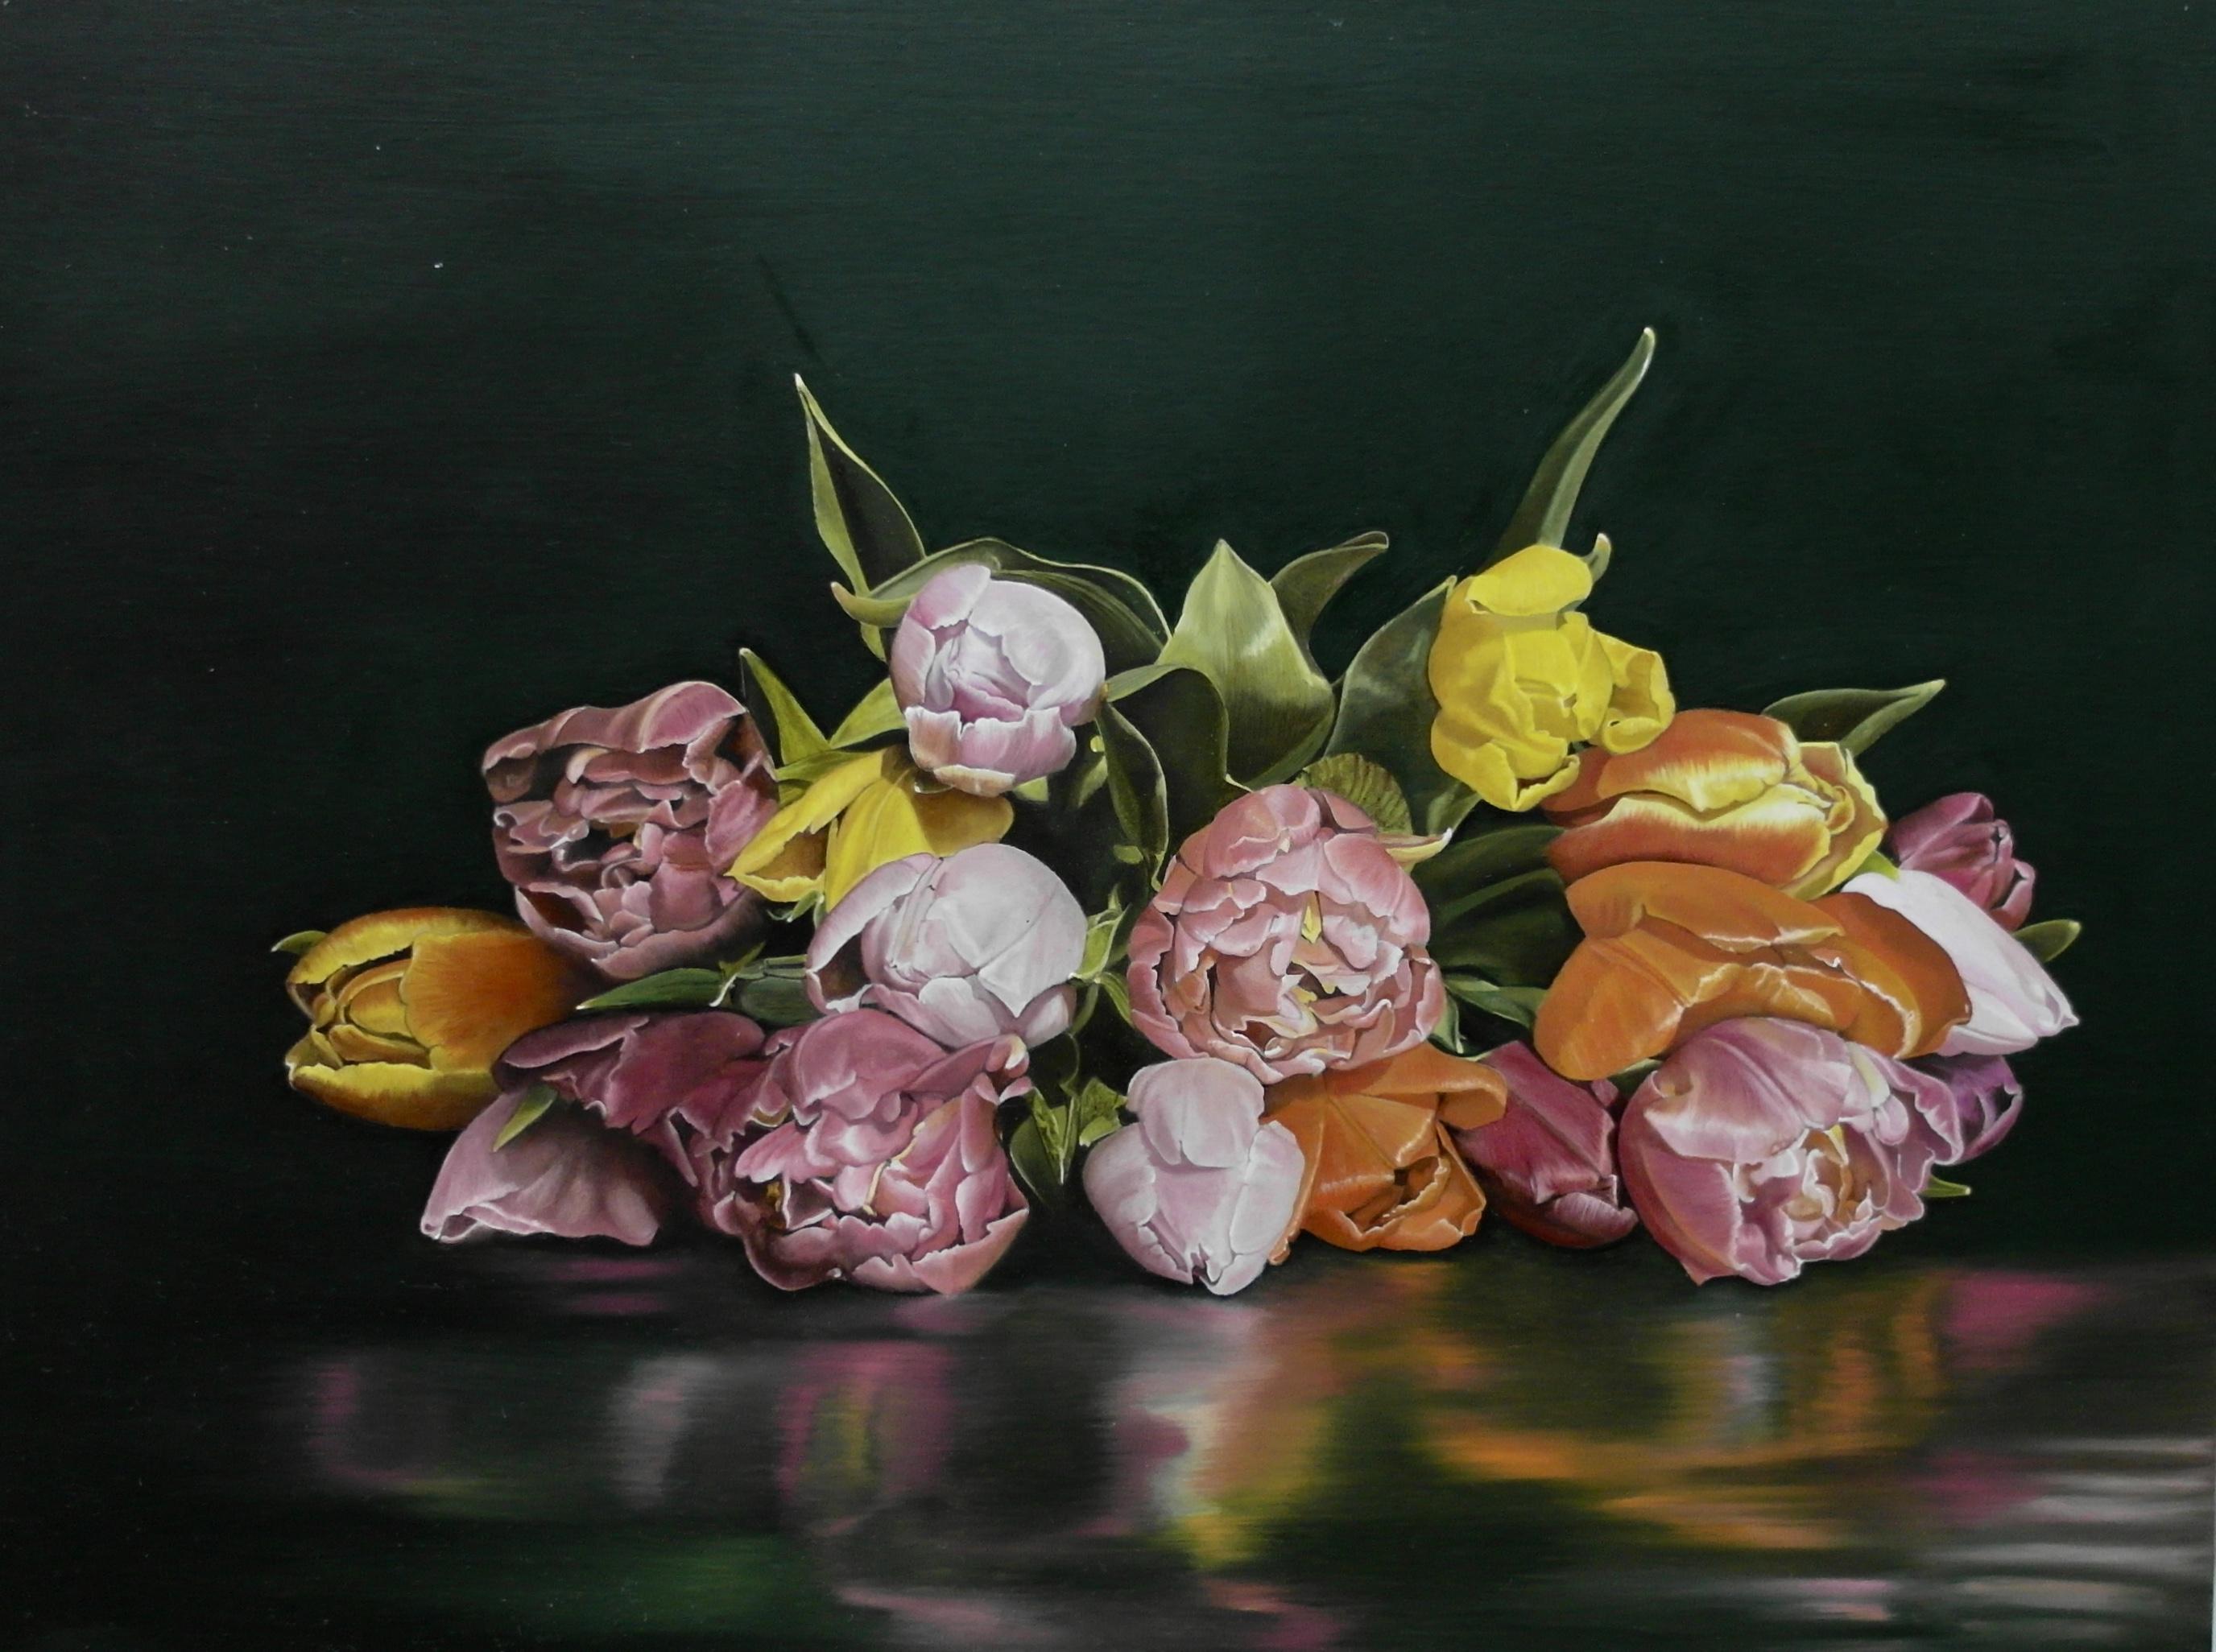 Prachtige bos tulpen, eigen compositie, via basis techniek fijnschilderen